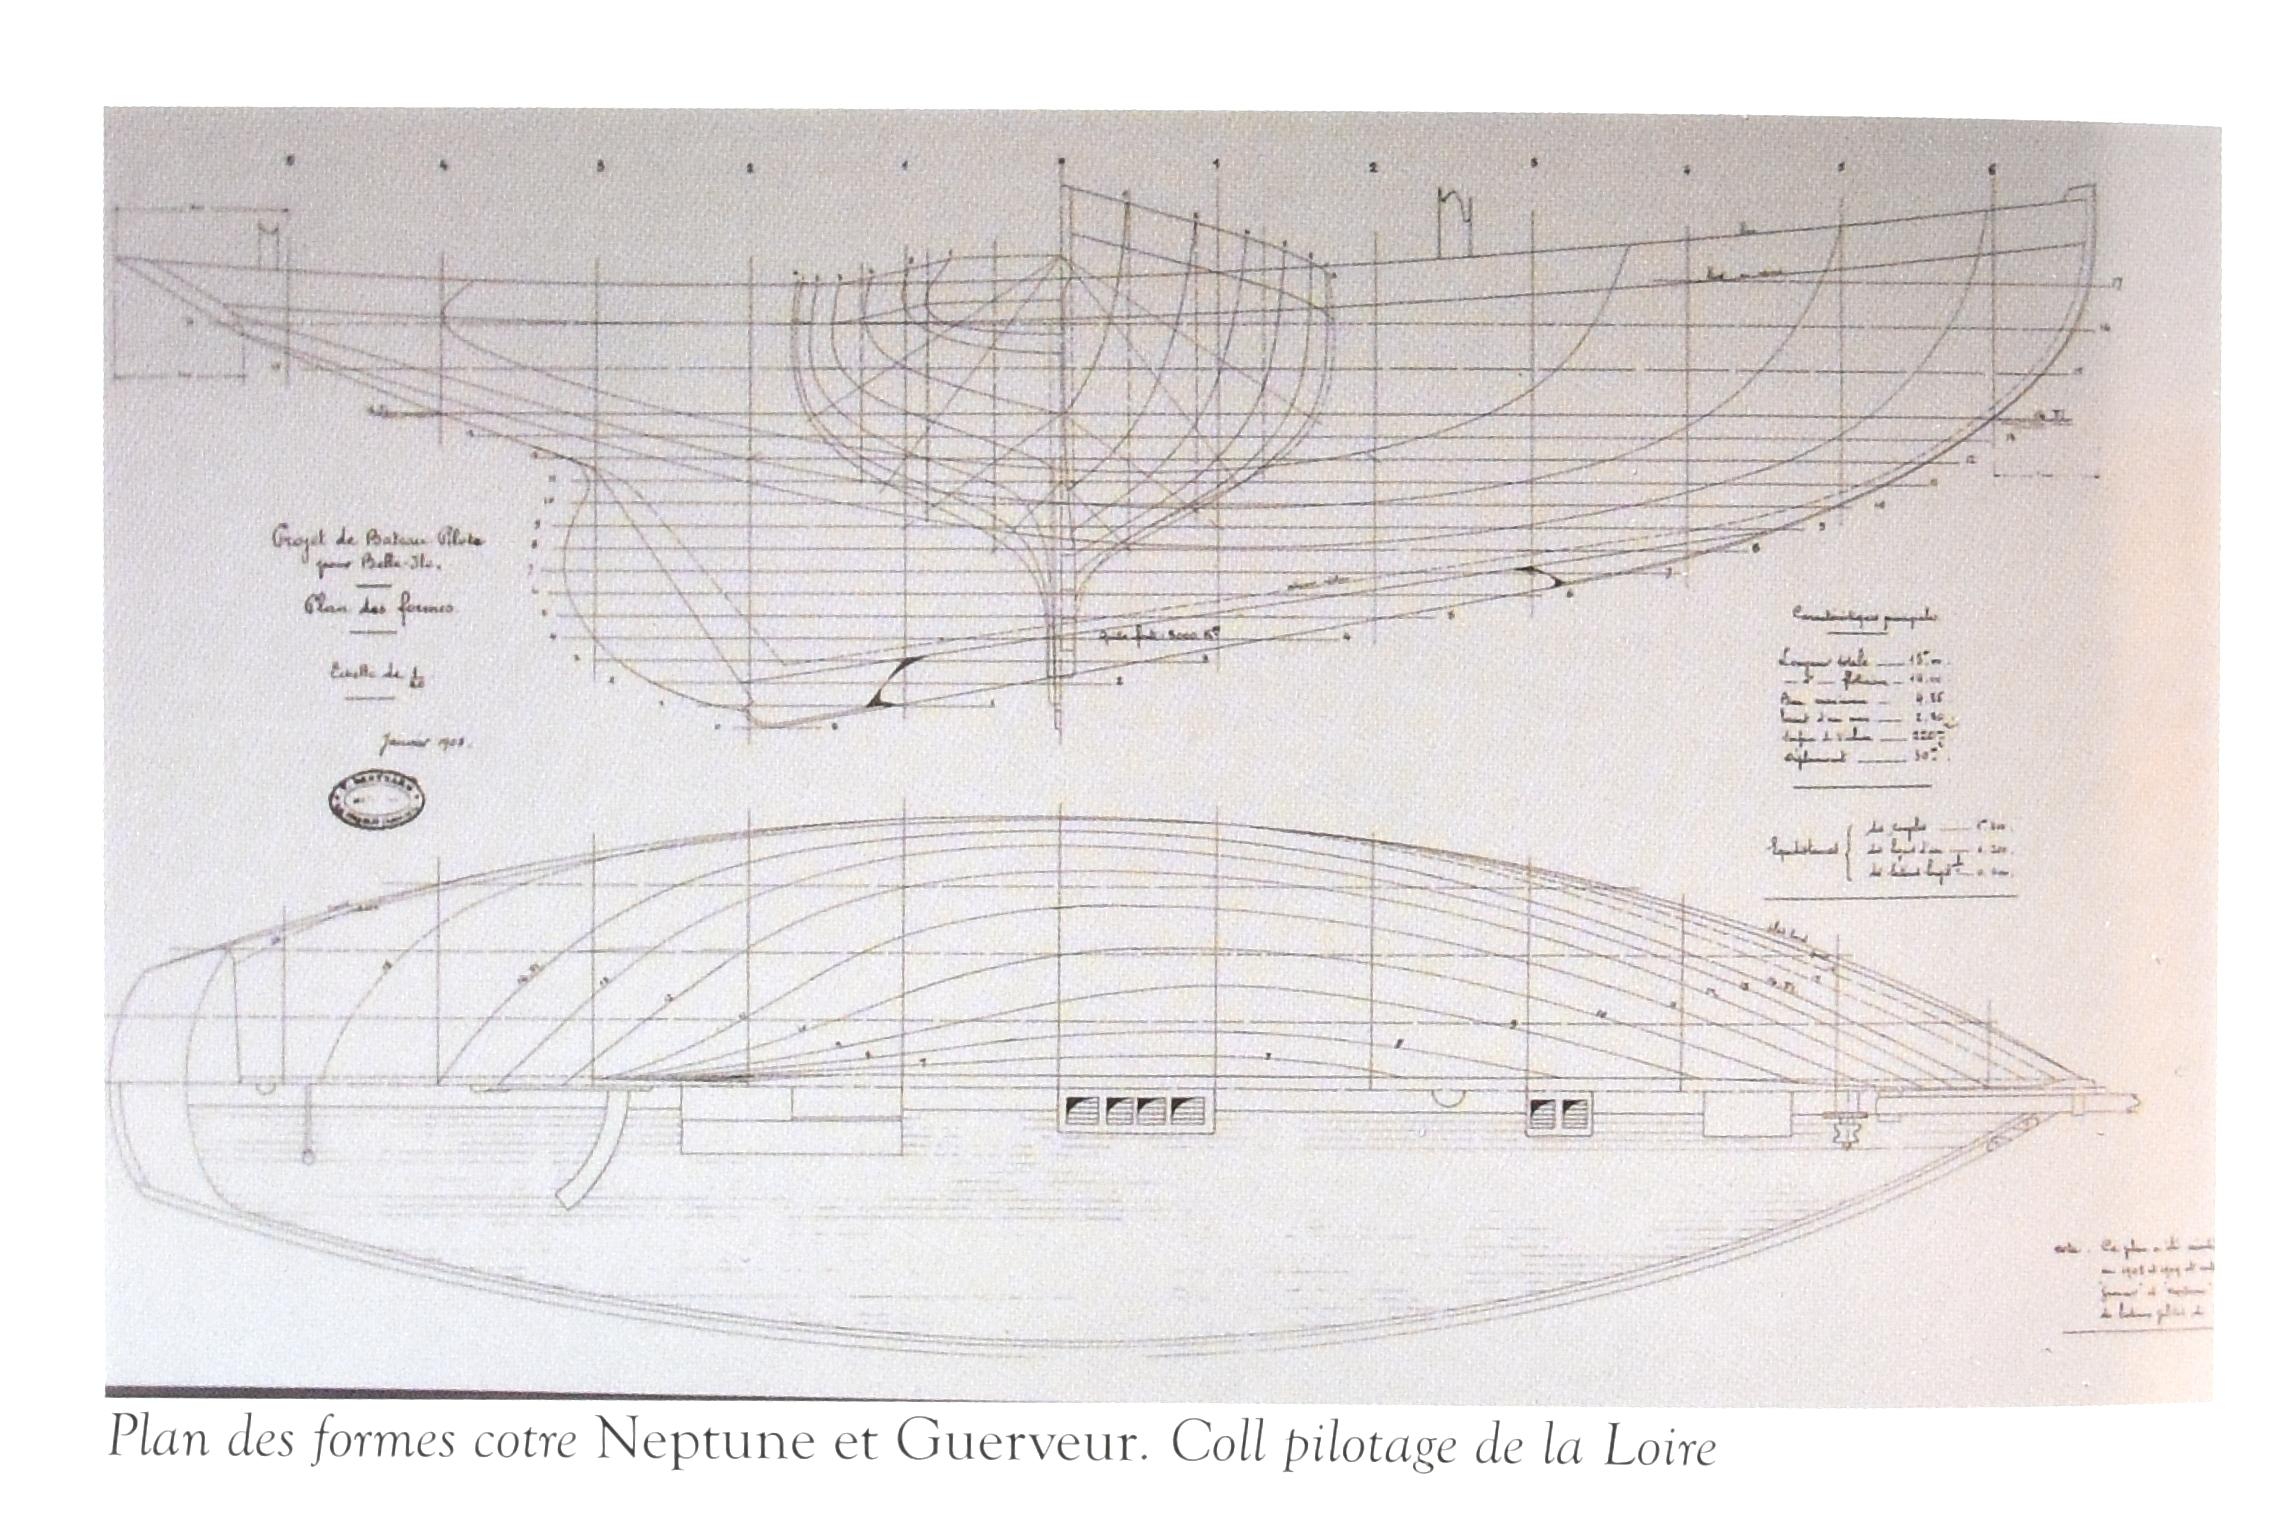 recherche des plans d'un modèle de yacht classique télécommandable inachevé - Page 2 171020025320120638